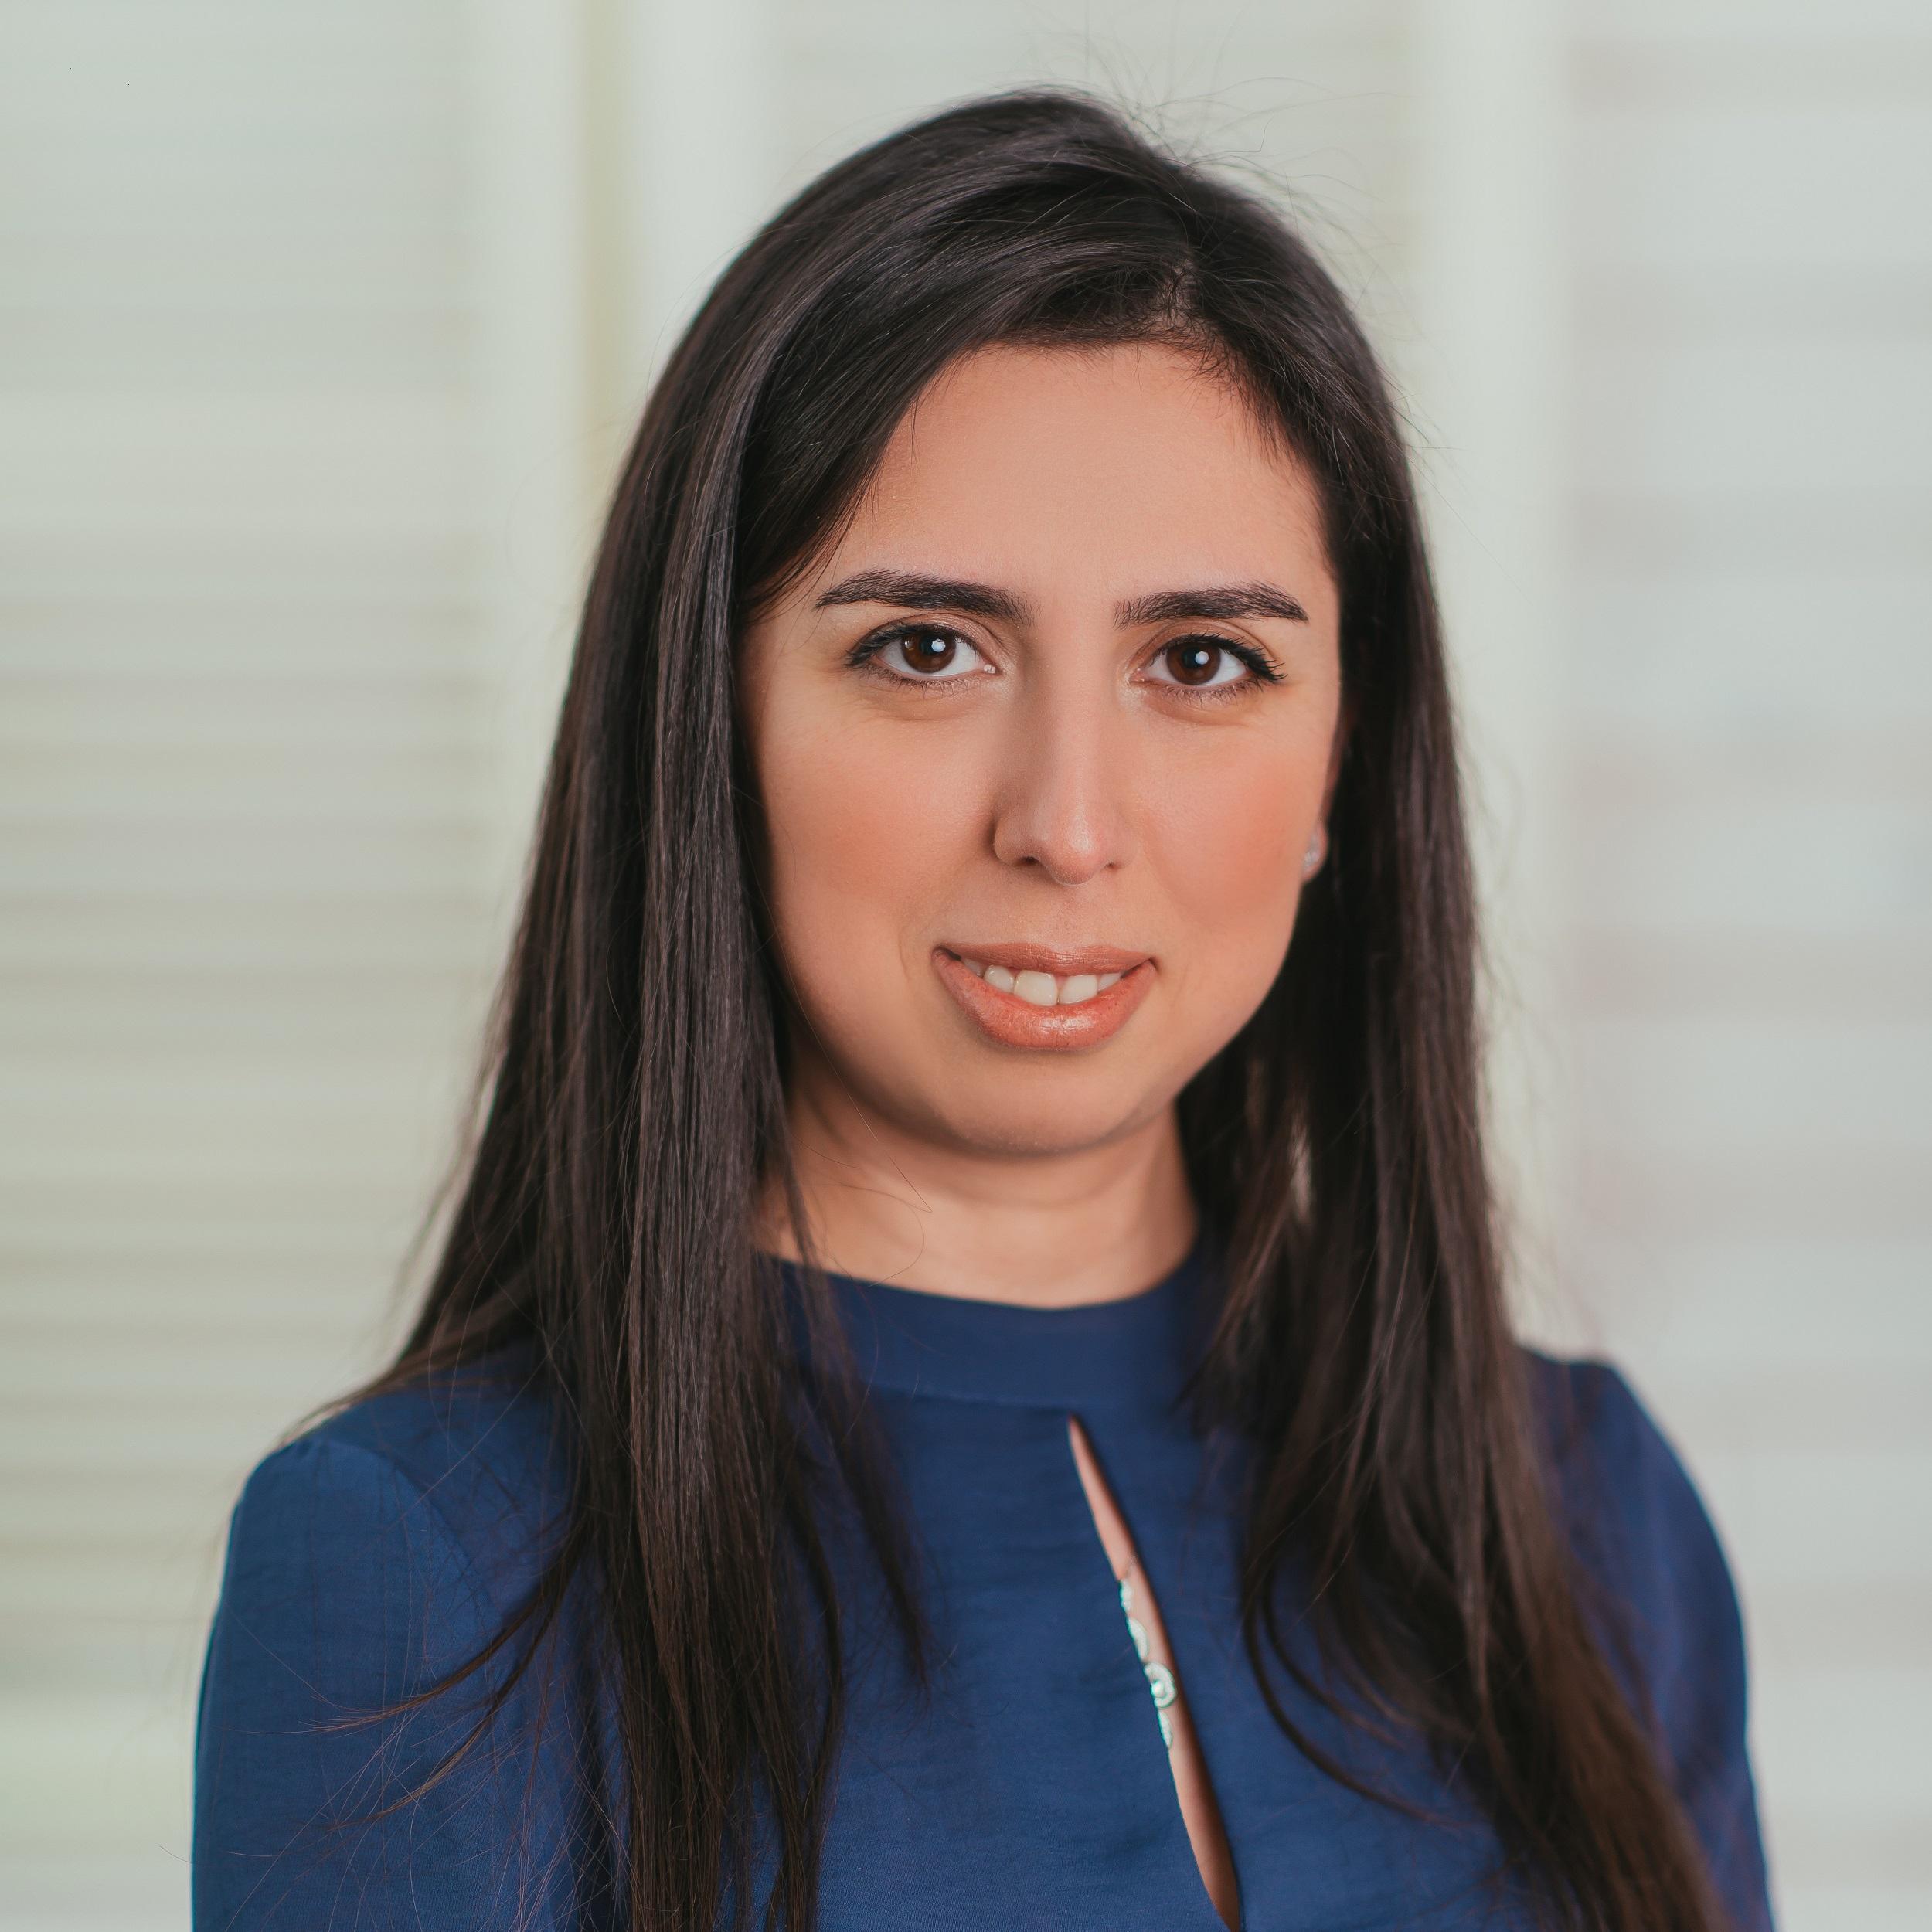 Irada Suleymanova, MBA, PMP